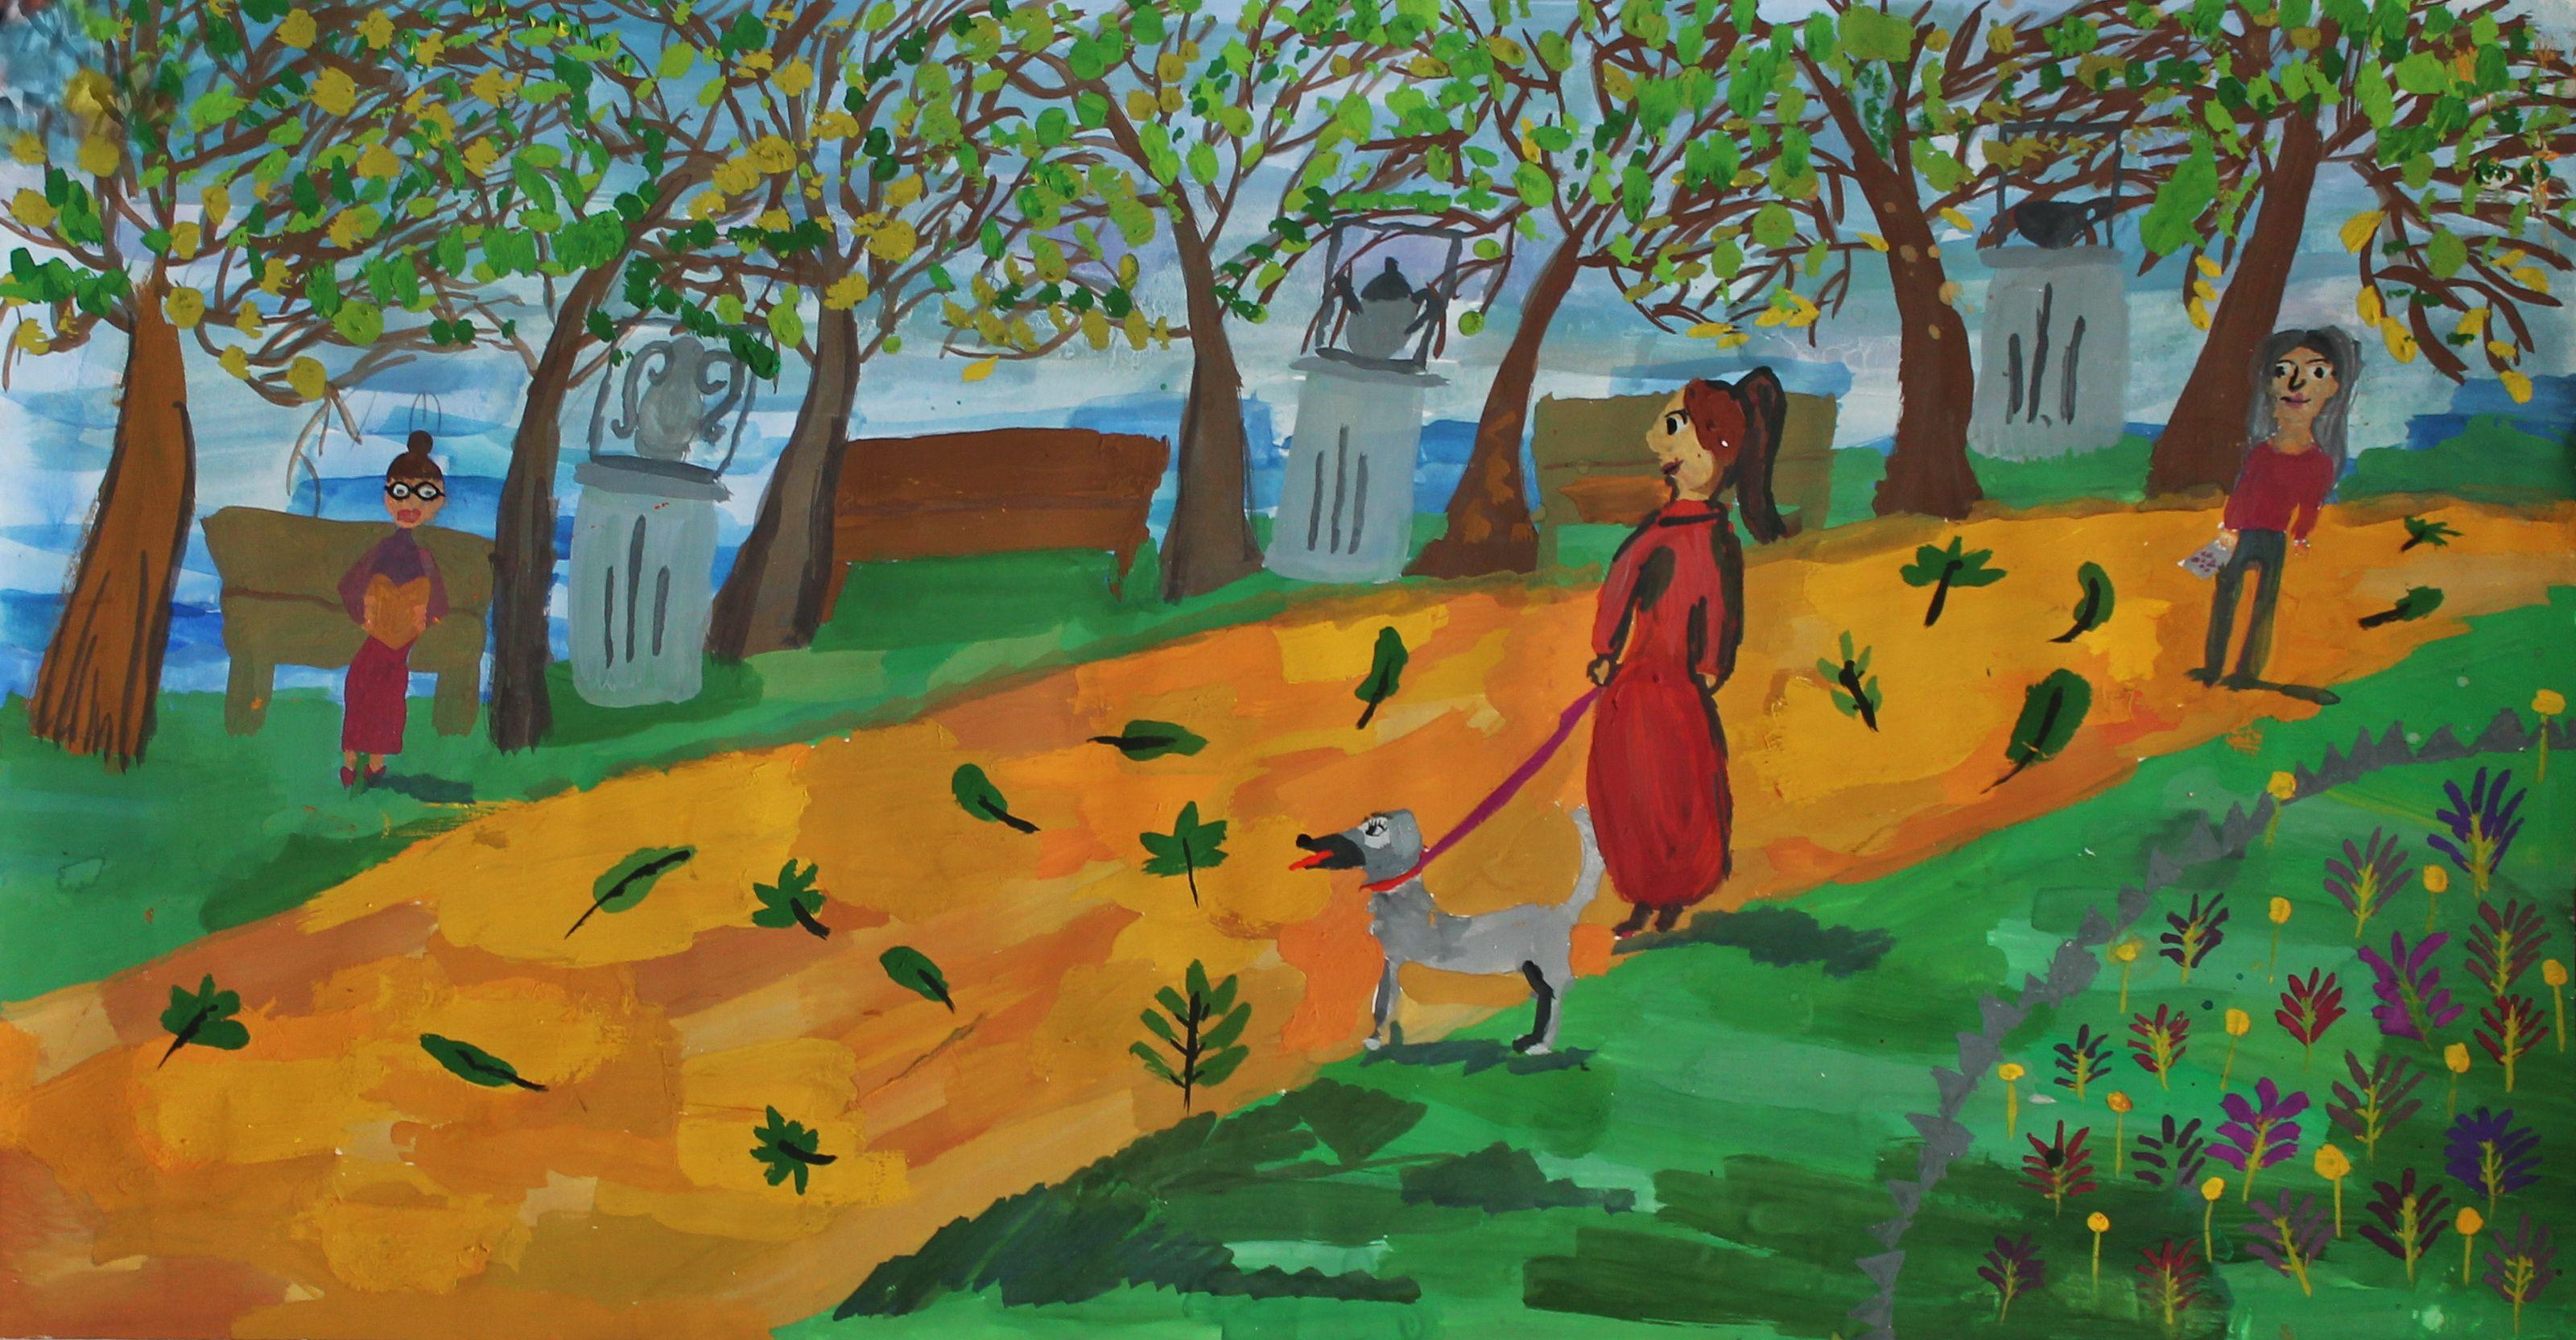 """Хлебосолова Кристина. 9 лет. """"Прогулка"""", гуашь. Преподаватель Н. В. Малевинская"""